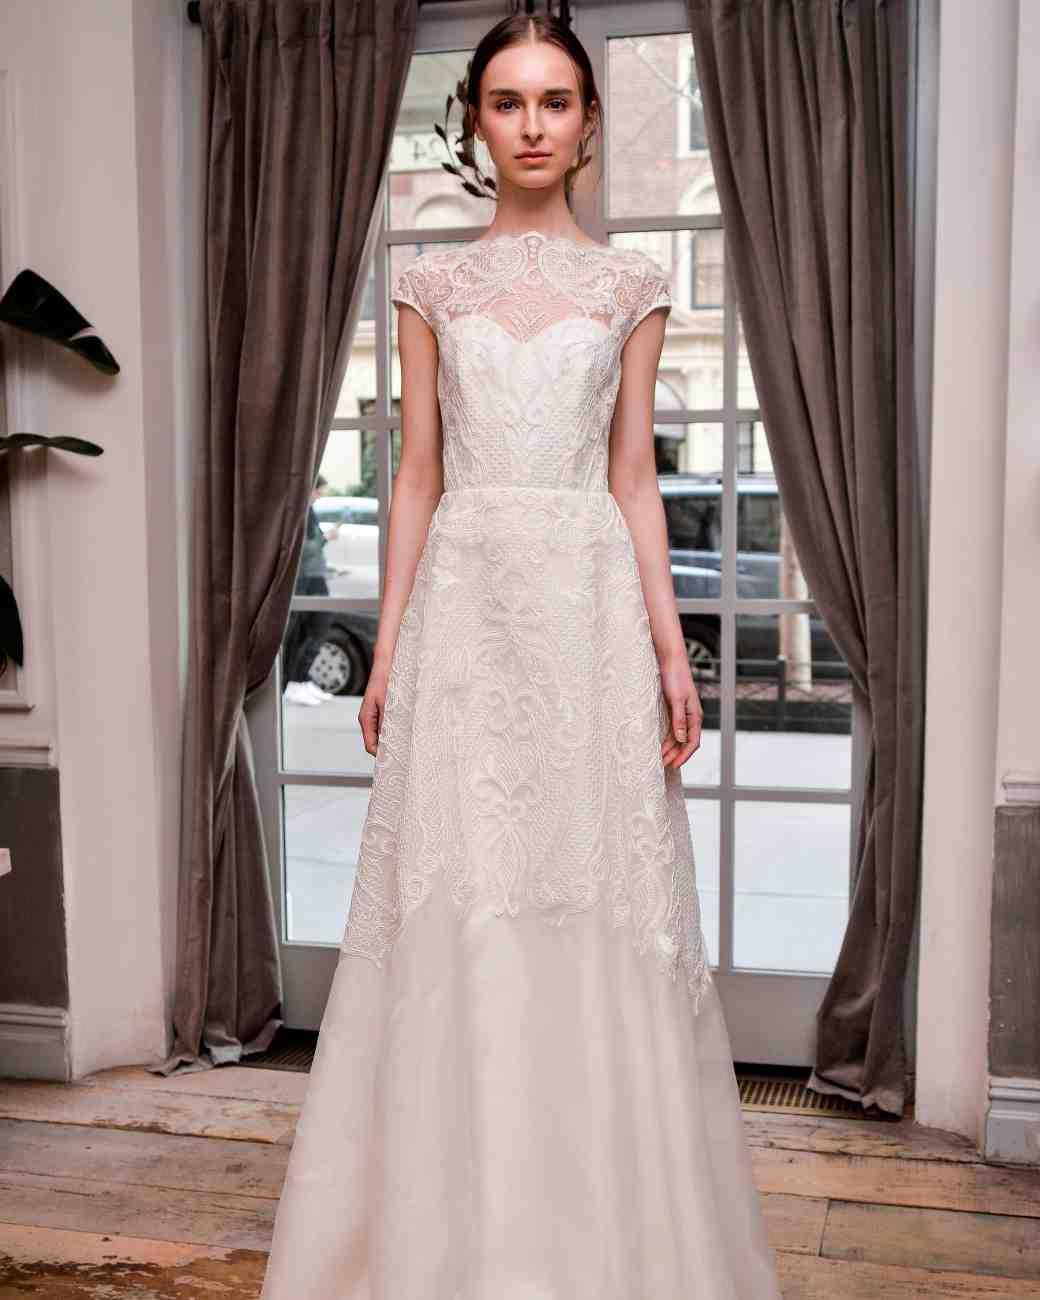 Lela Rose Bridal Hairstyles 2016 Spring